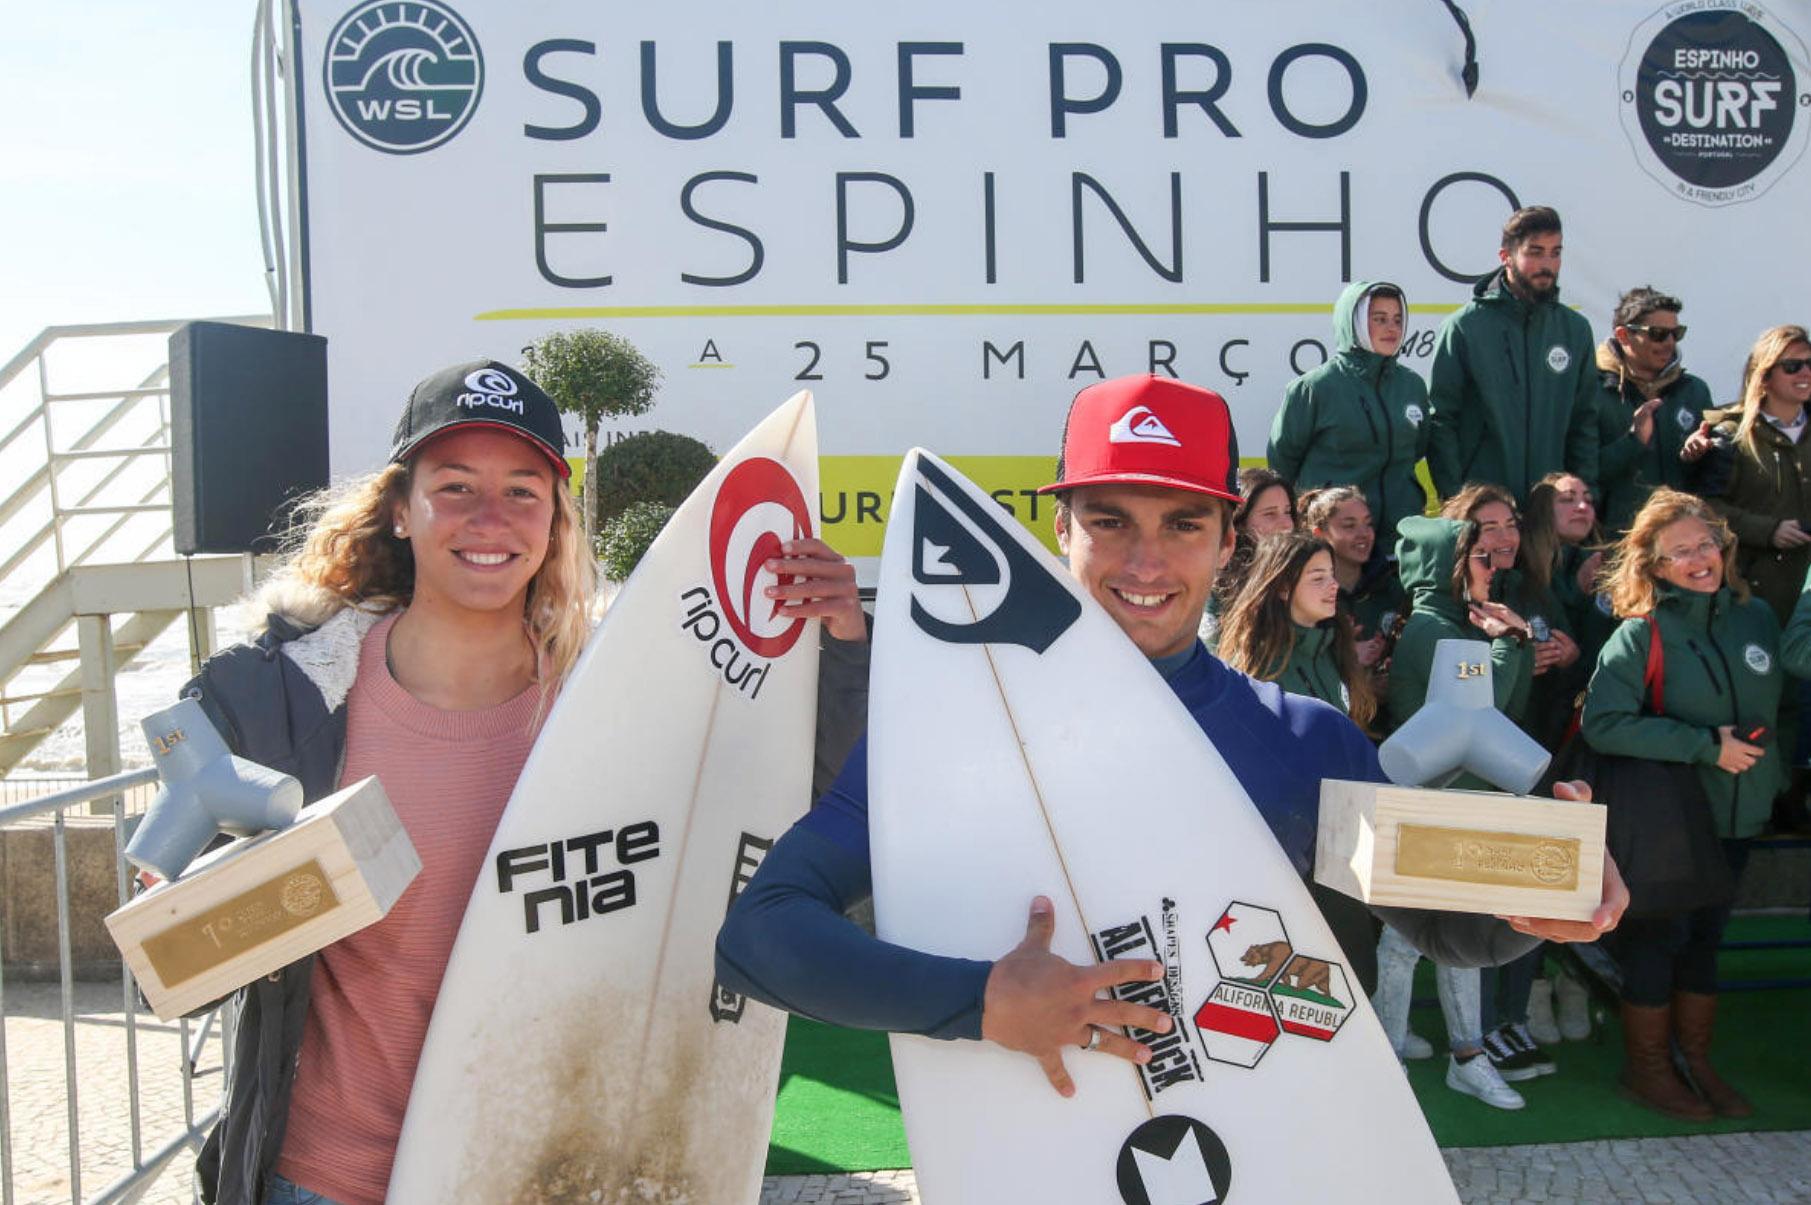 43428Mathis Crozon & Melania Suarez Diaz vencem Junior Pro Espinho